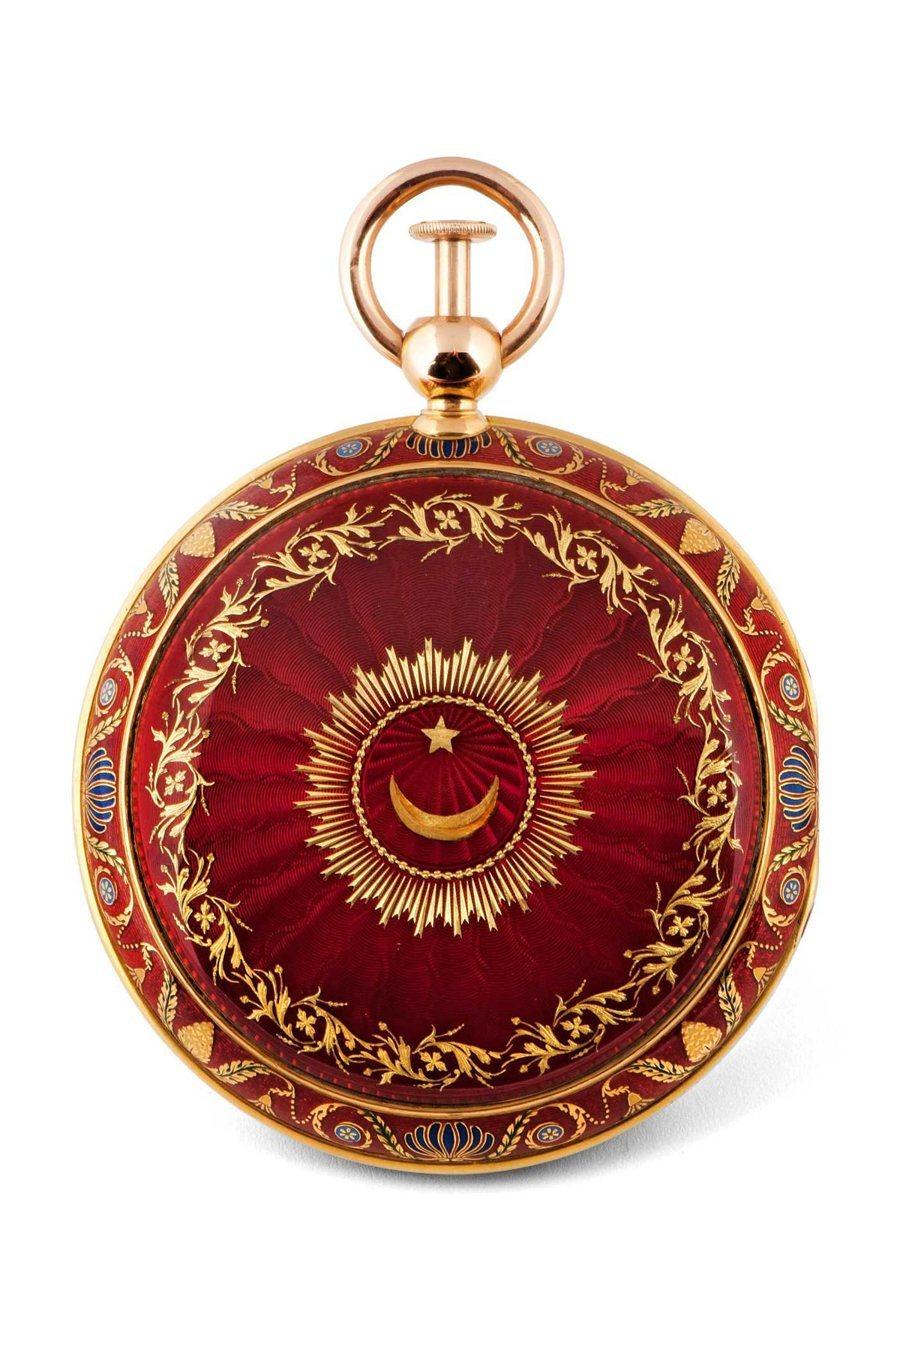 Gehäuserückseite der türkischen Uhr mit Viertelstundenrepetition Breguet Nr. 2090